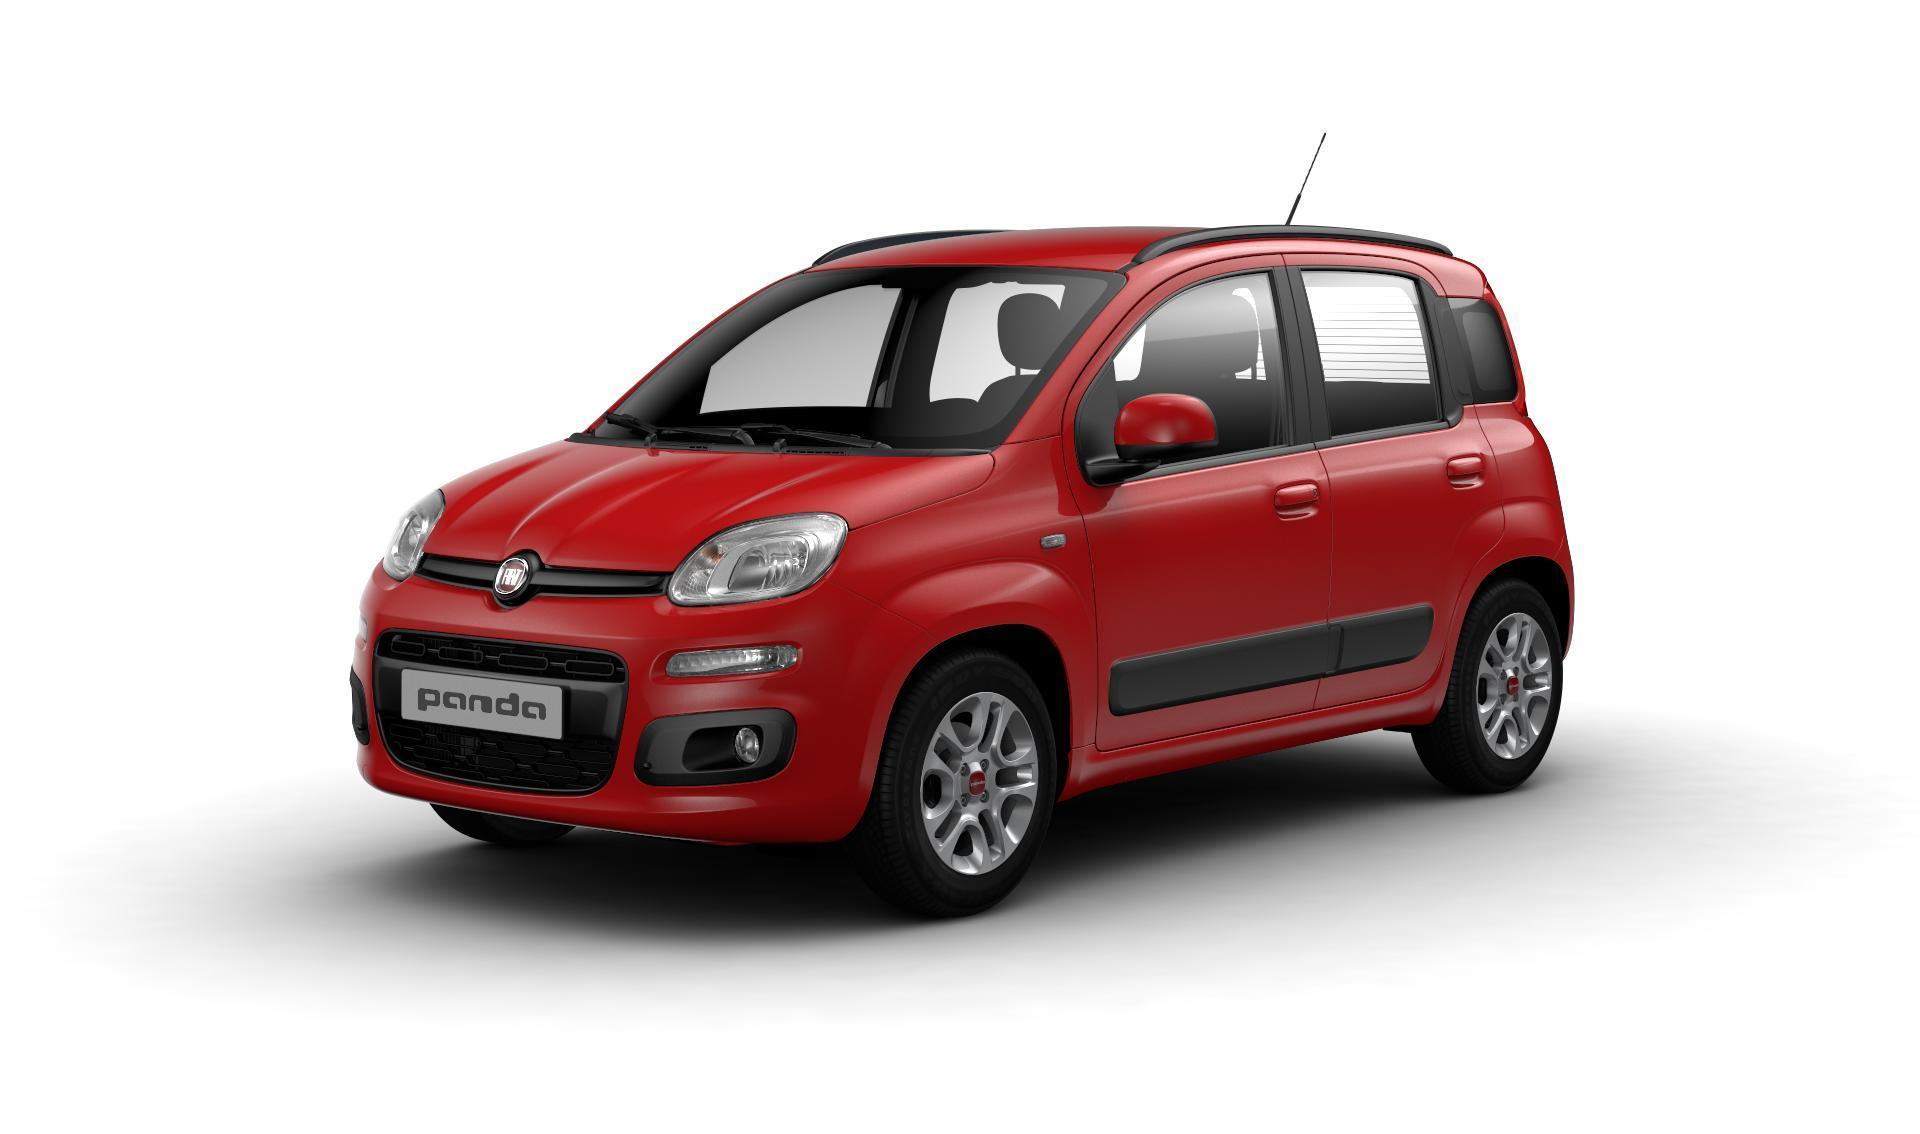 [Clients Boursorama] Location Longue Durée (LLD) d'une Fiat Panda Lounge 1.2 69 ch en location sans apport, sur 48 mois et 40.000 km pour un tarif mensuel de